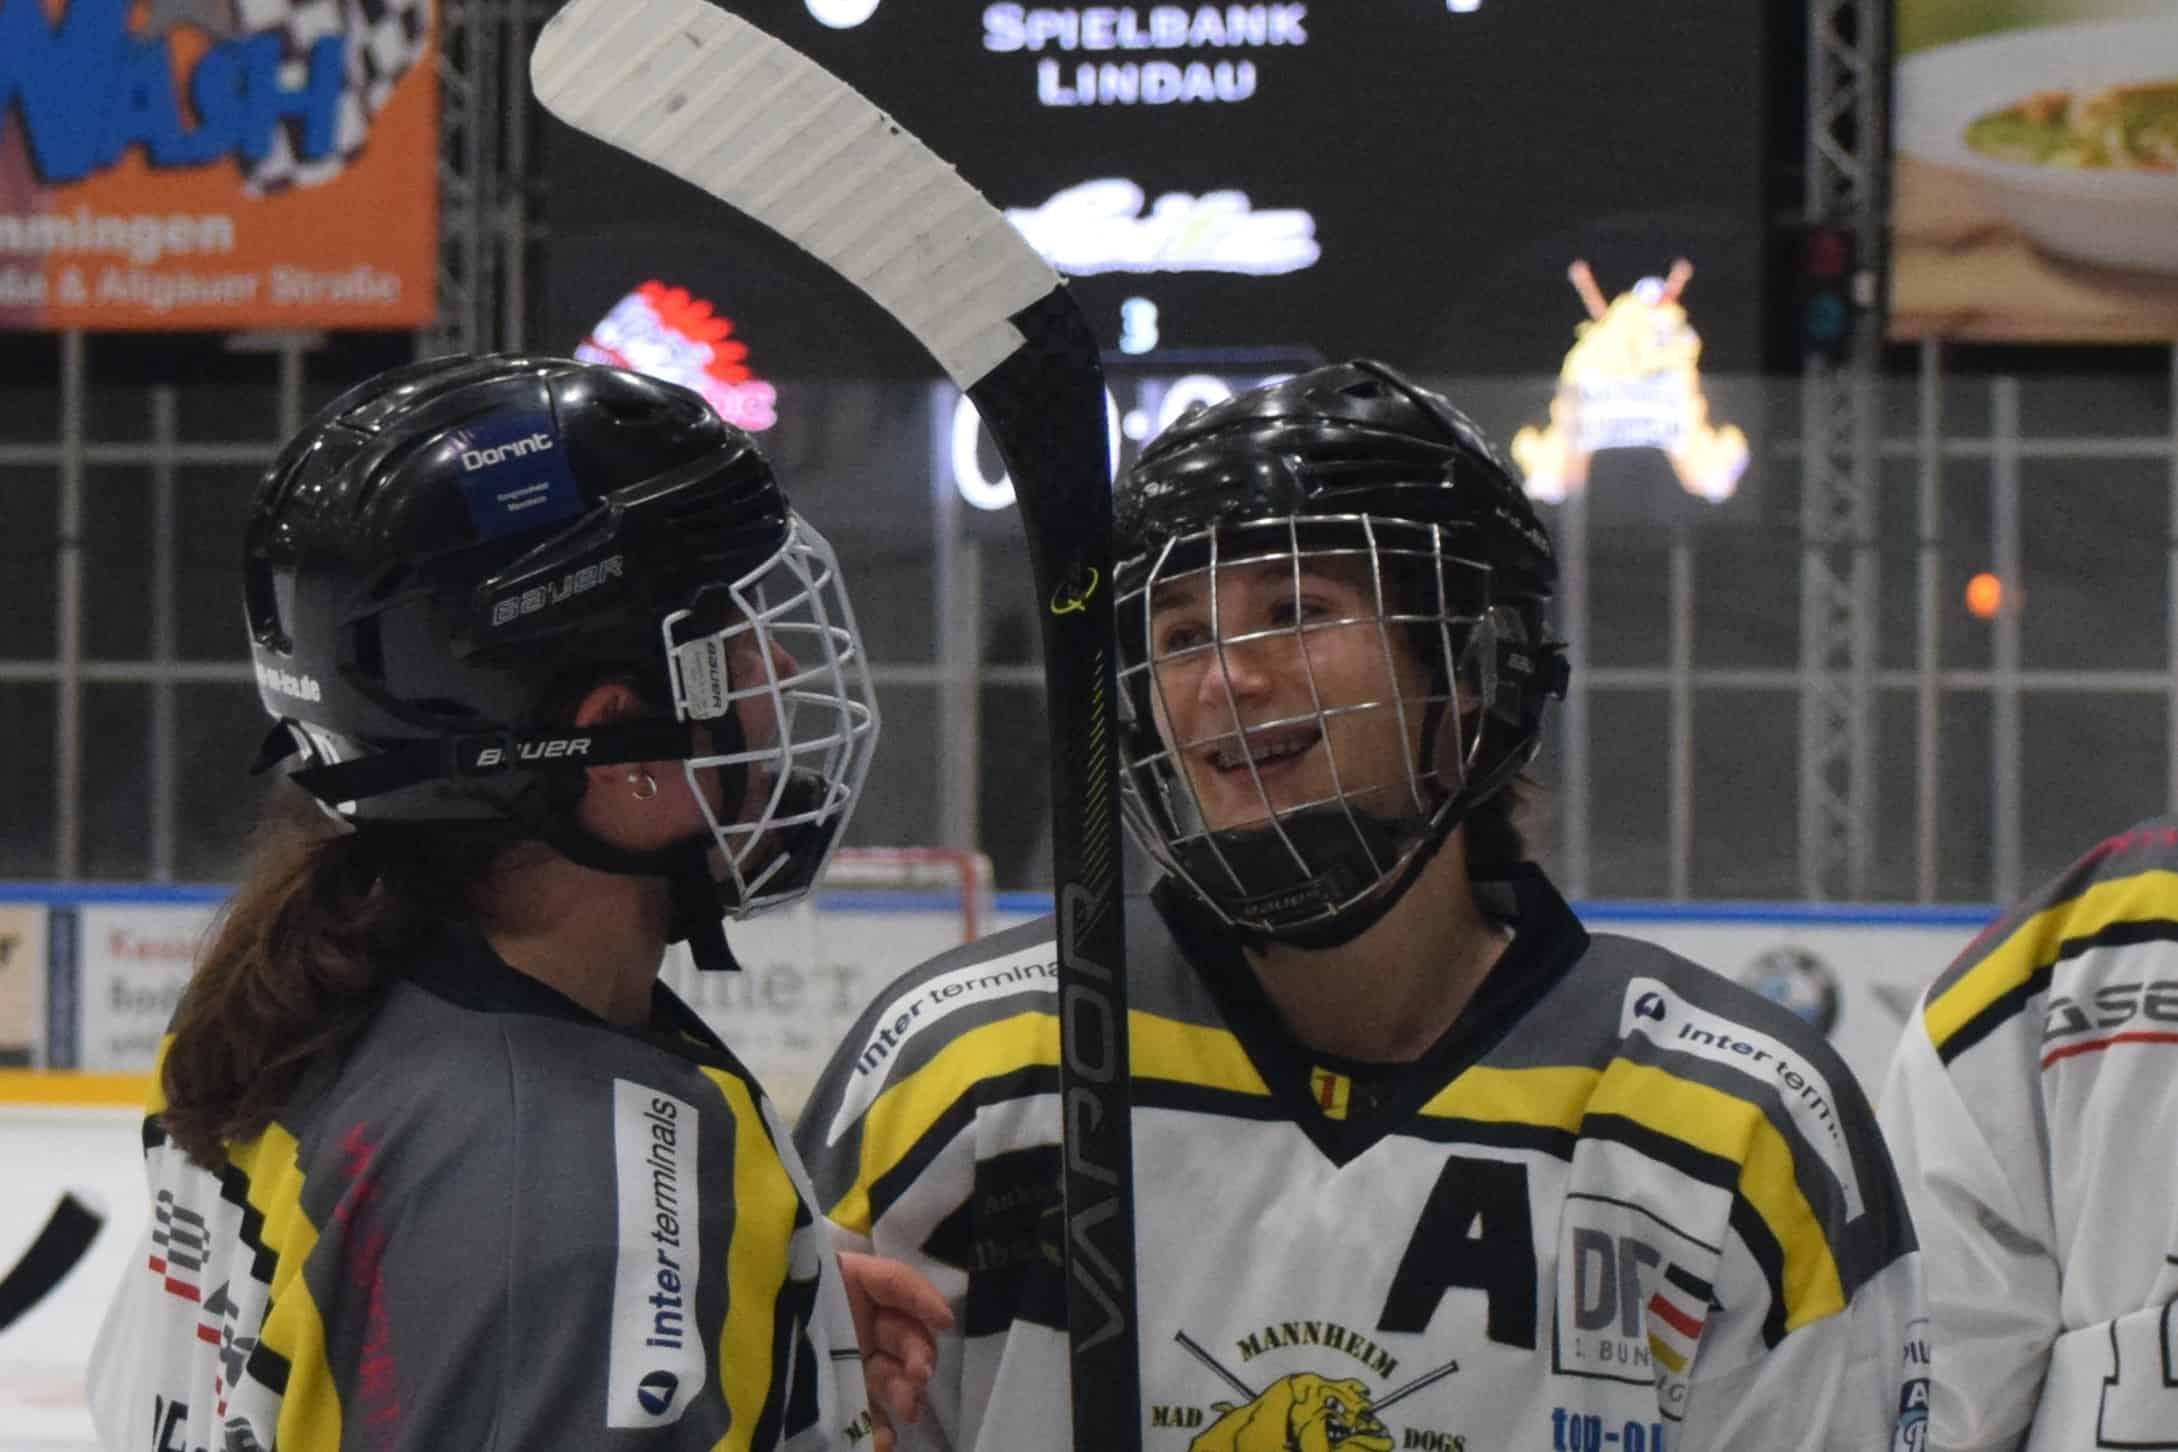 Tara Schmitz in Eishockey Ausrüstung auf dem Eis